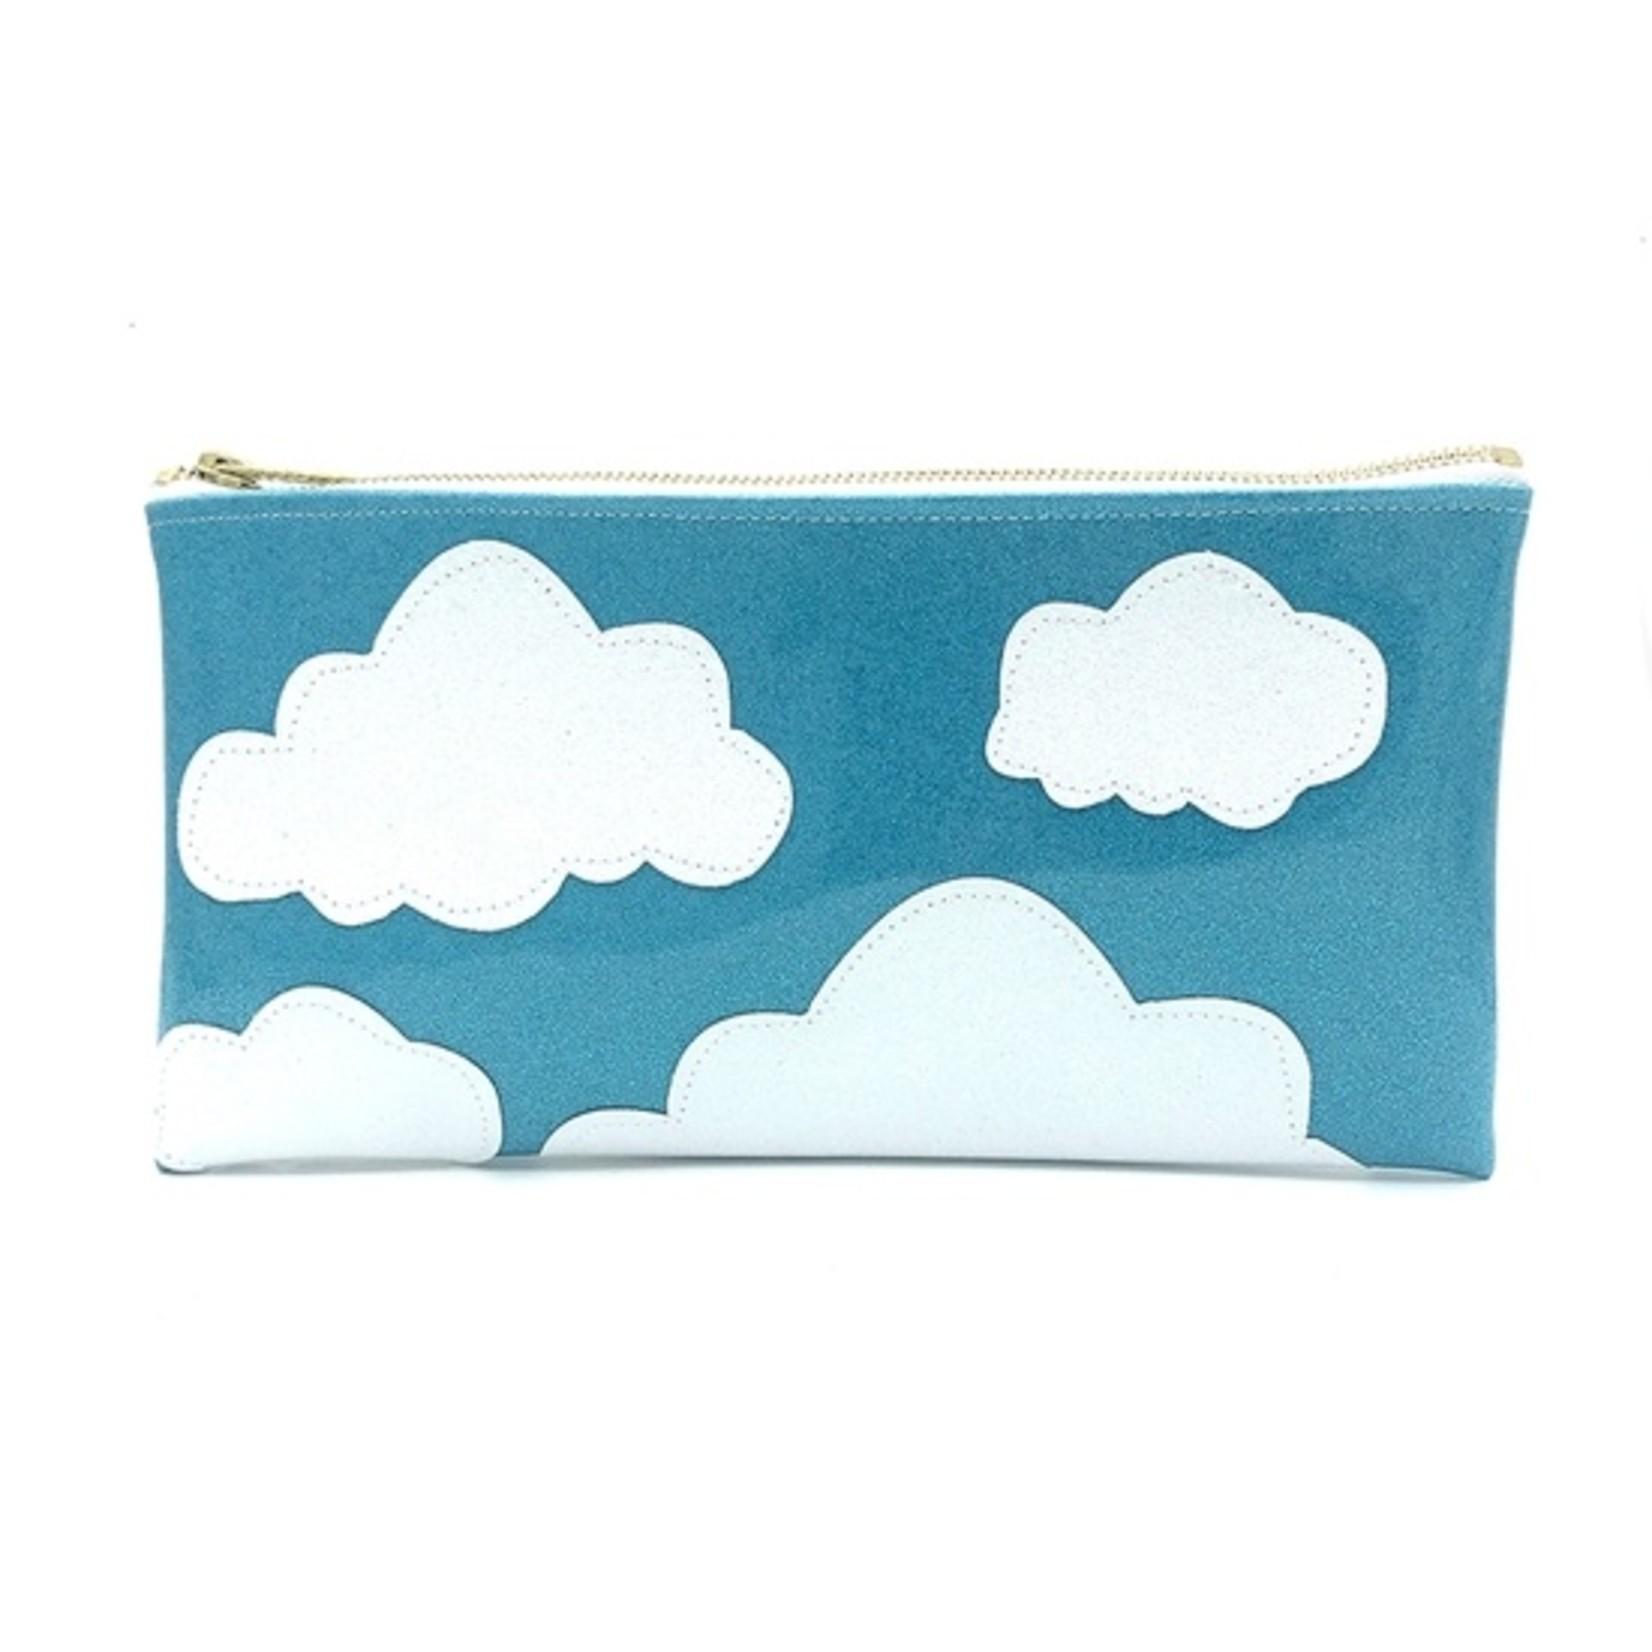 Julie Mollo The Cloud Clutch!